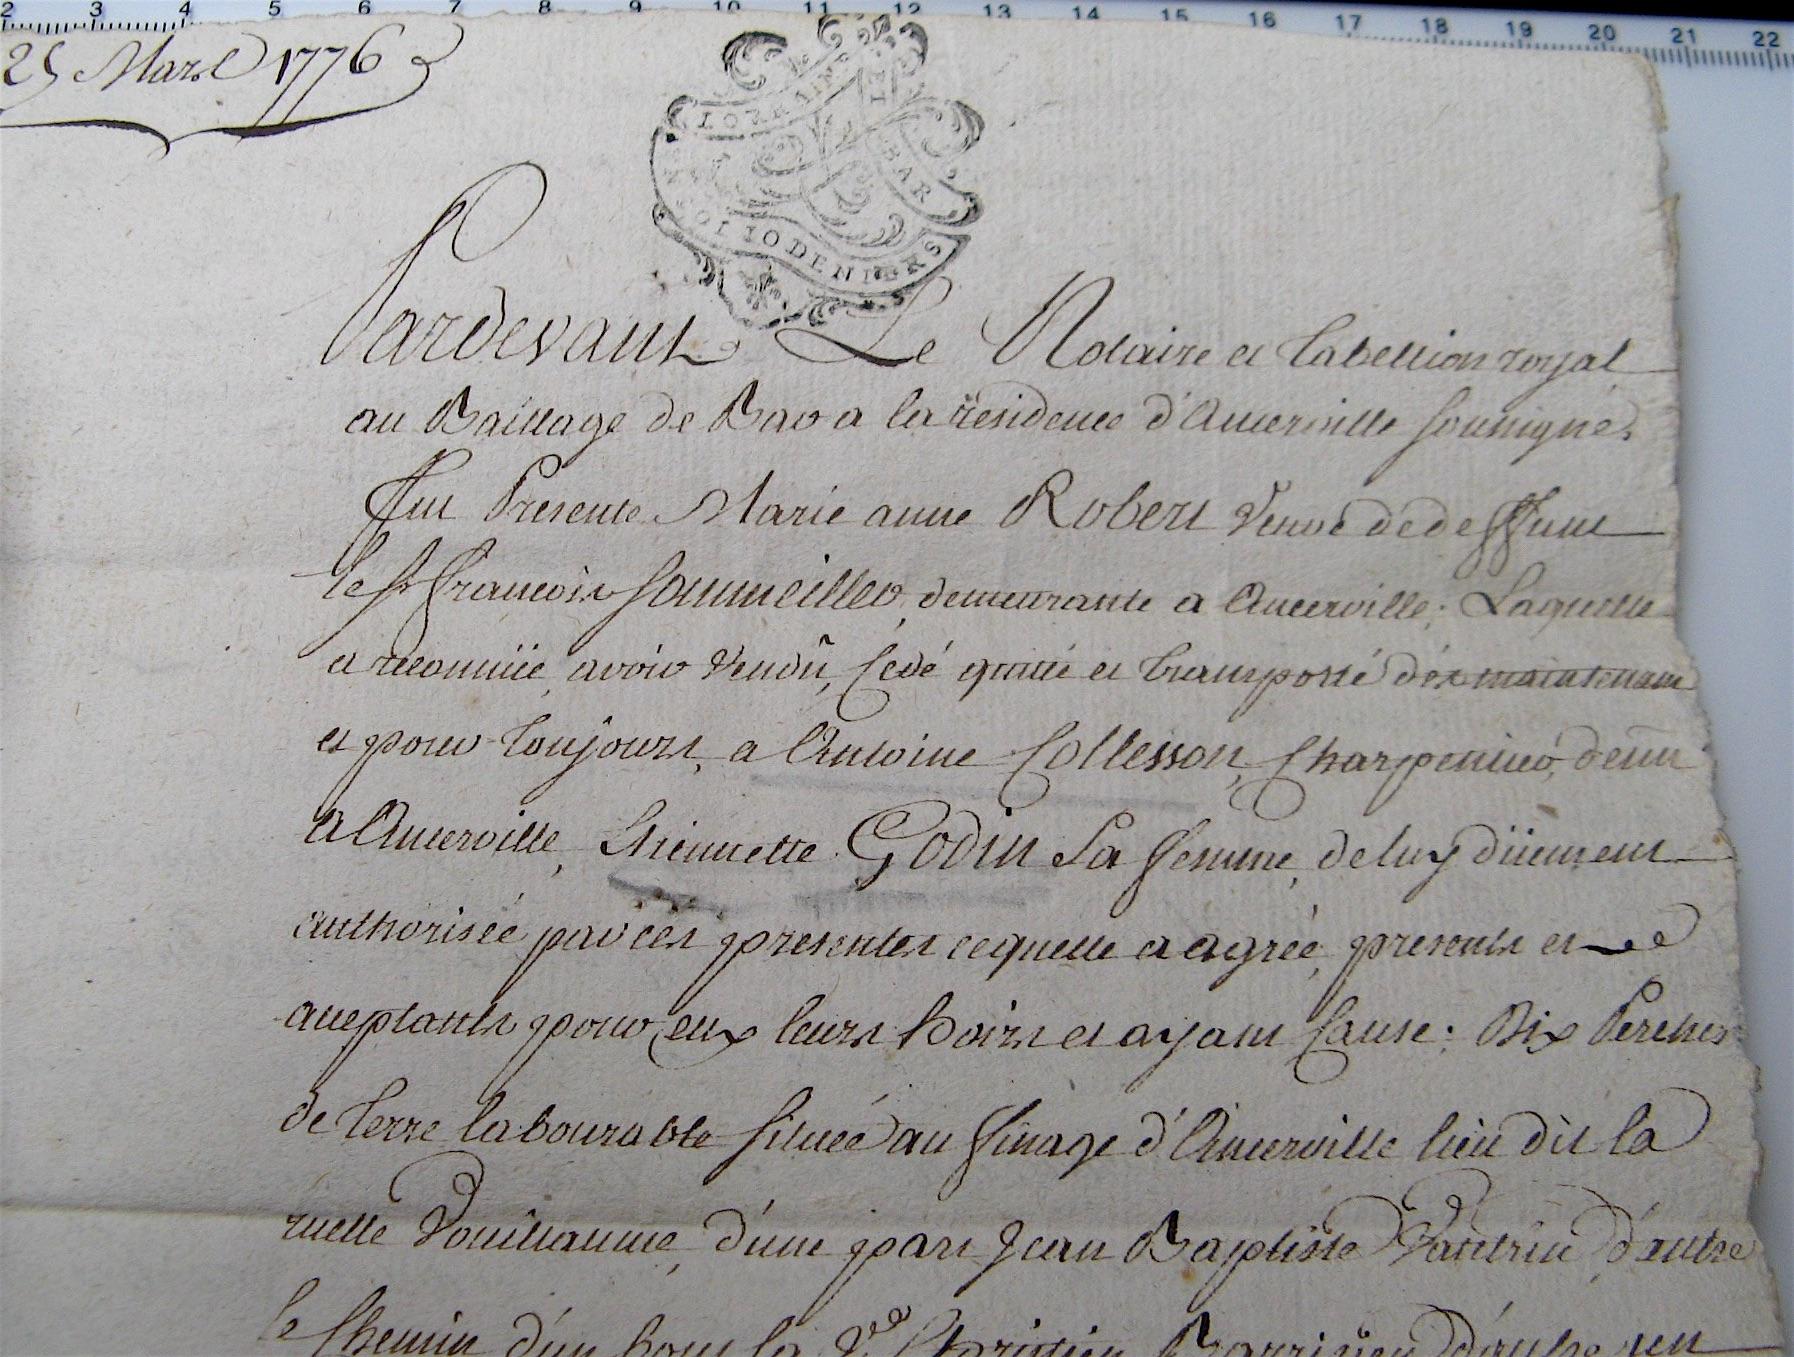 Fl.1776c